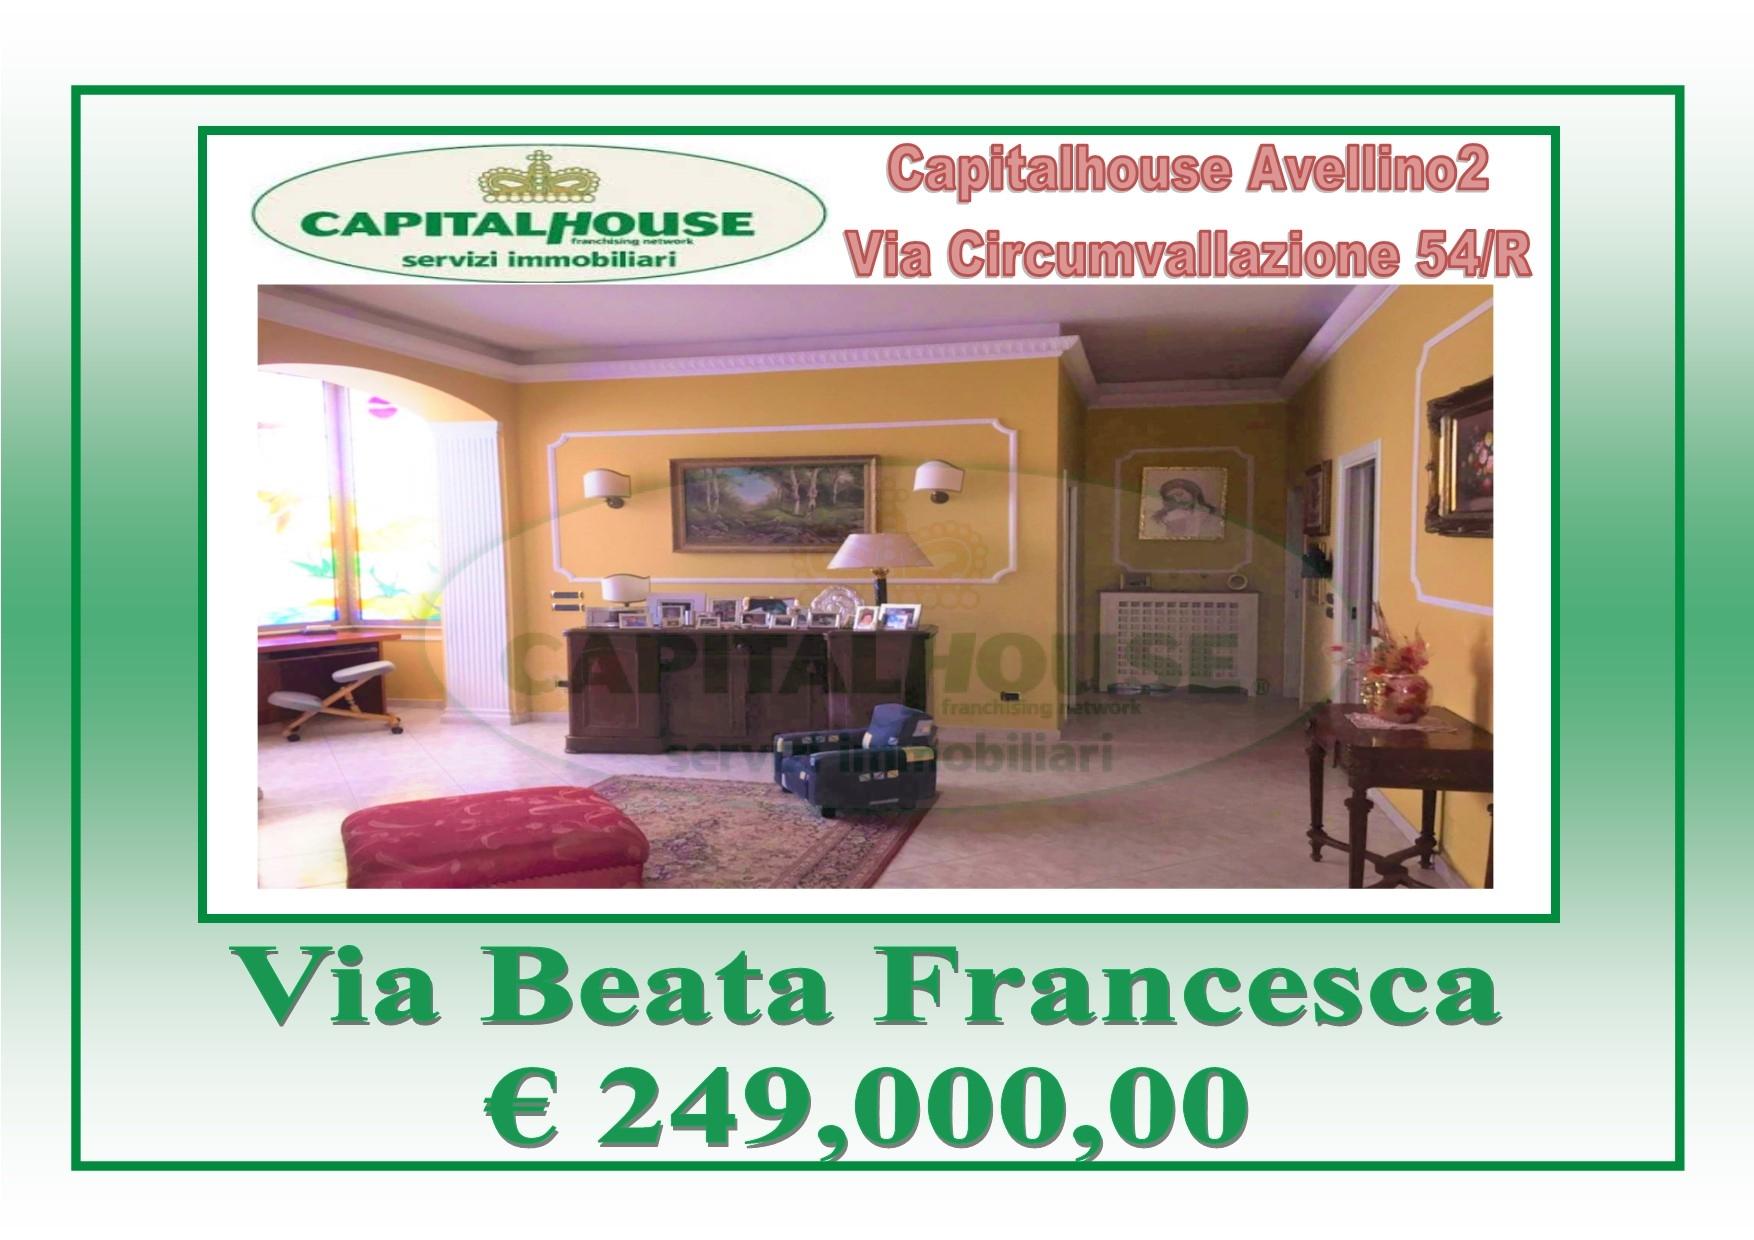 Appartamento in vendita a Avellino, 3 locali, zona Zona: Semicentro, prezzo € 249.000 | Cambio Casa.it